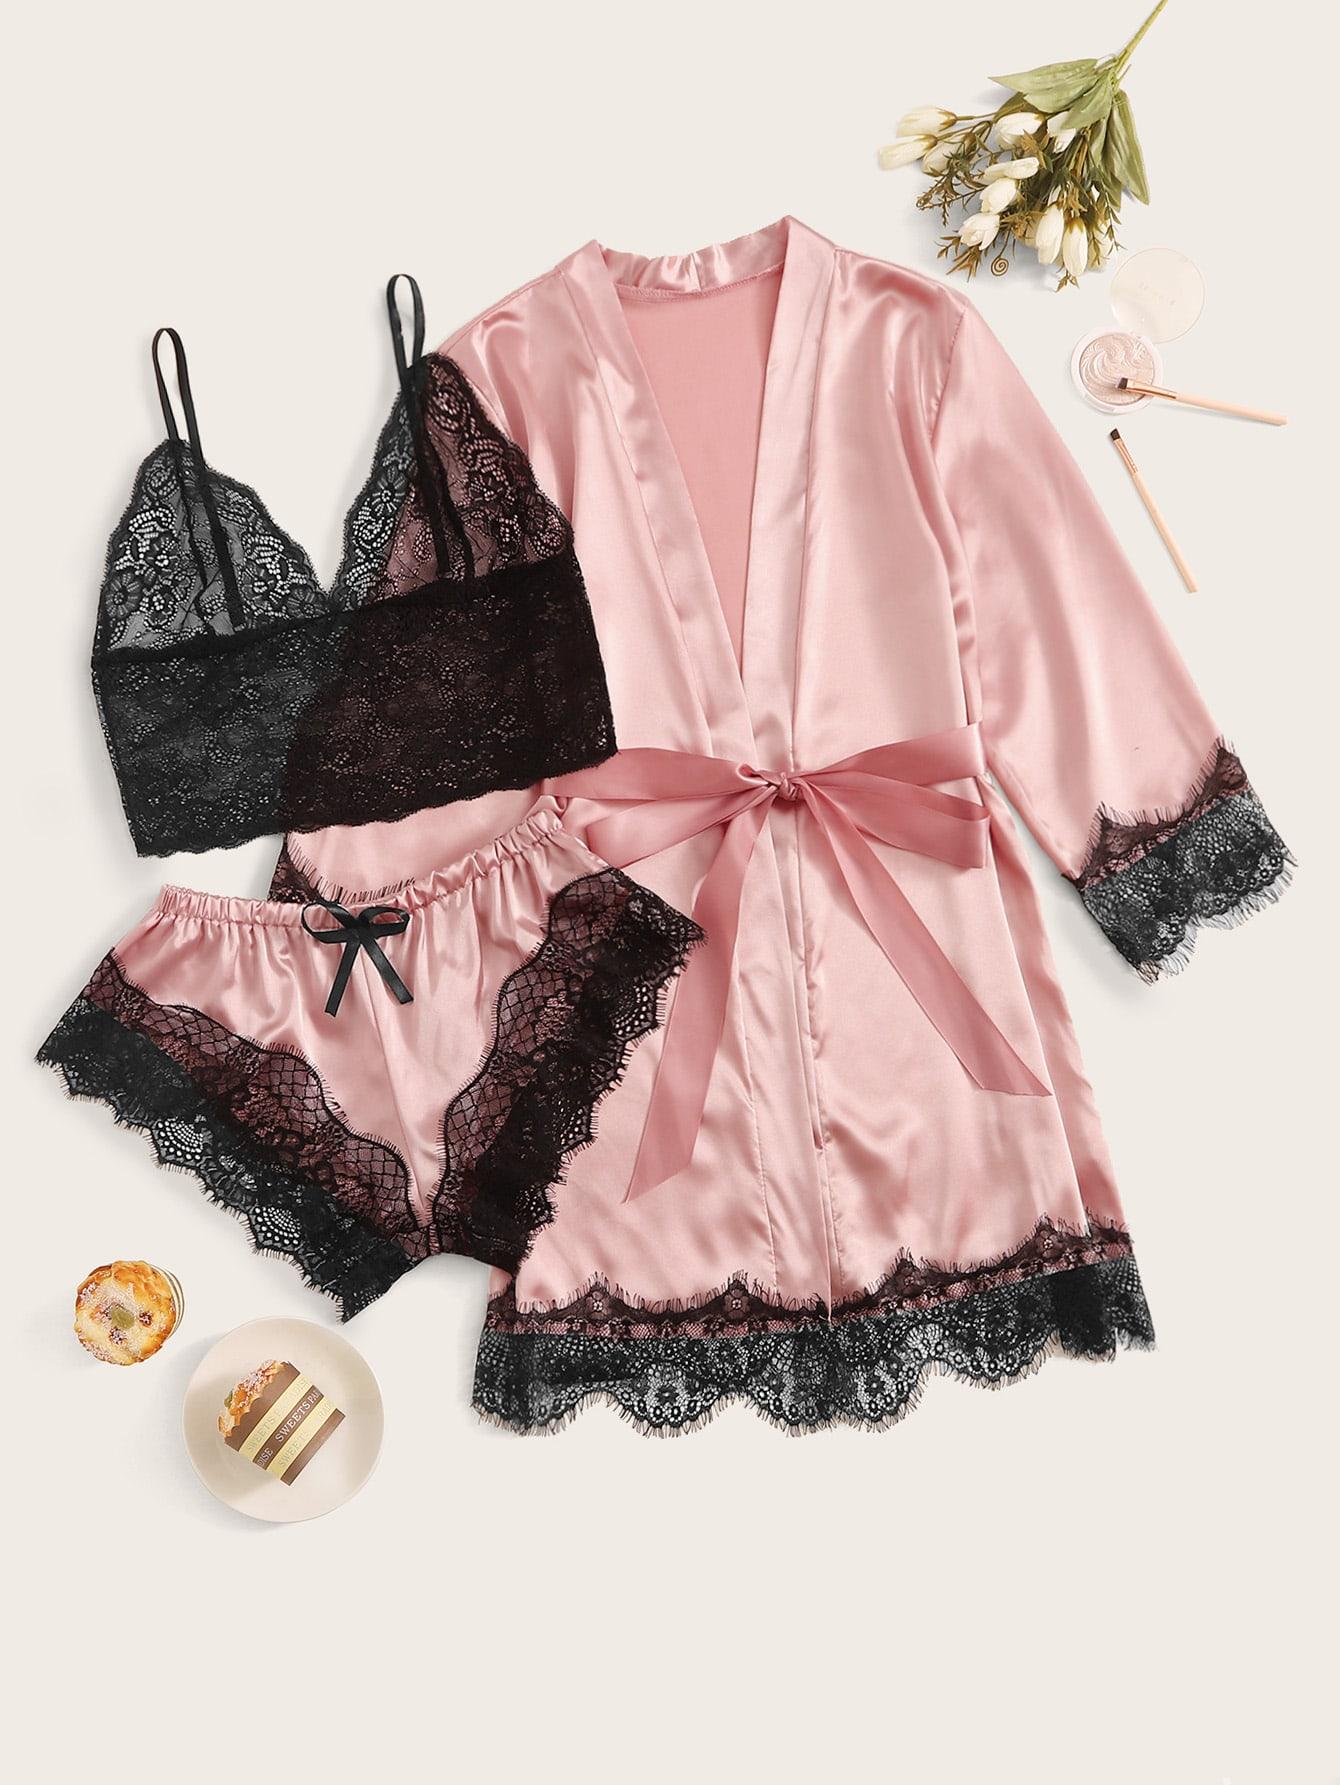 Кружевной бюстгальтер, атласные шорты и халат с поясом